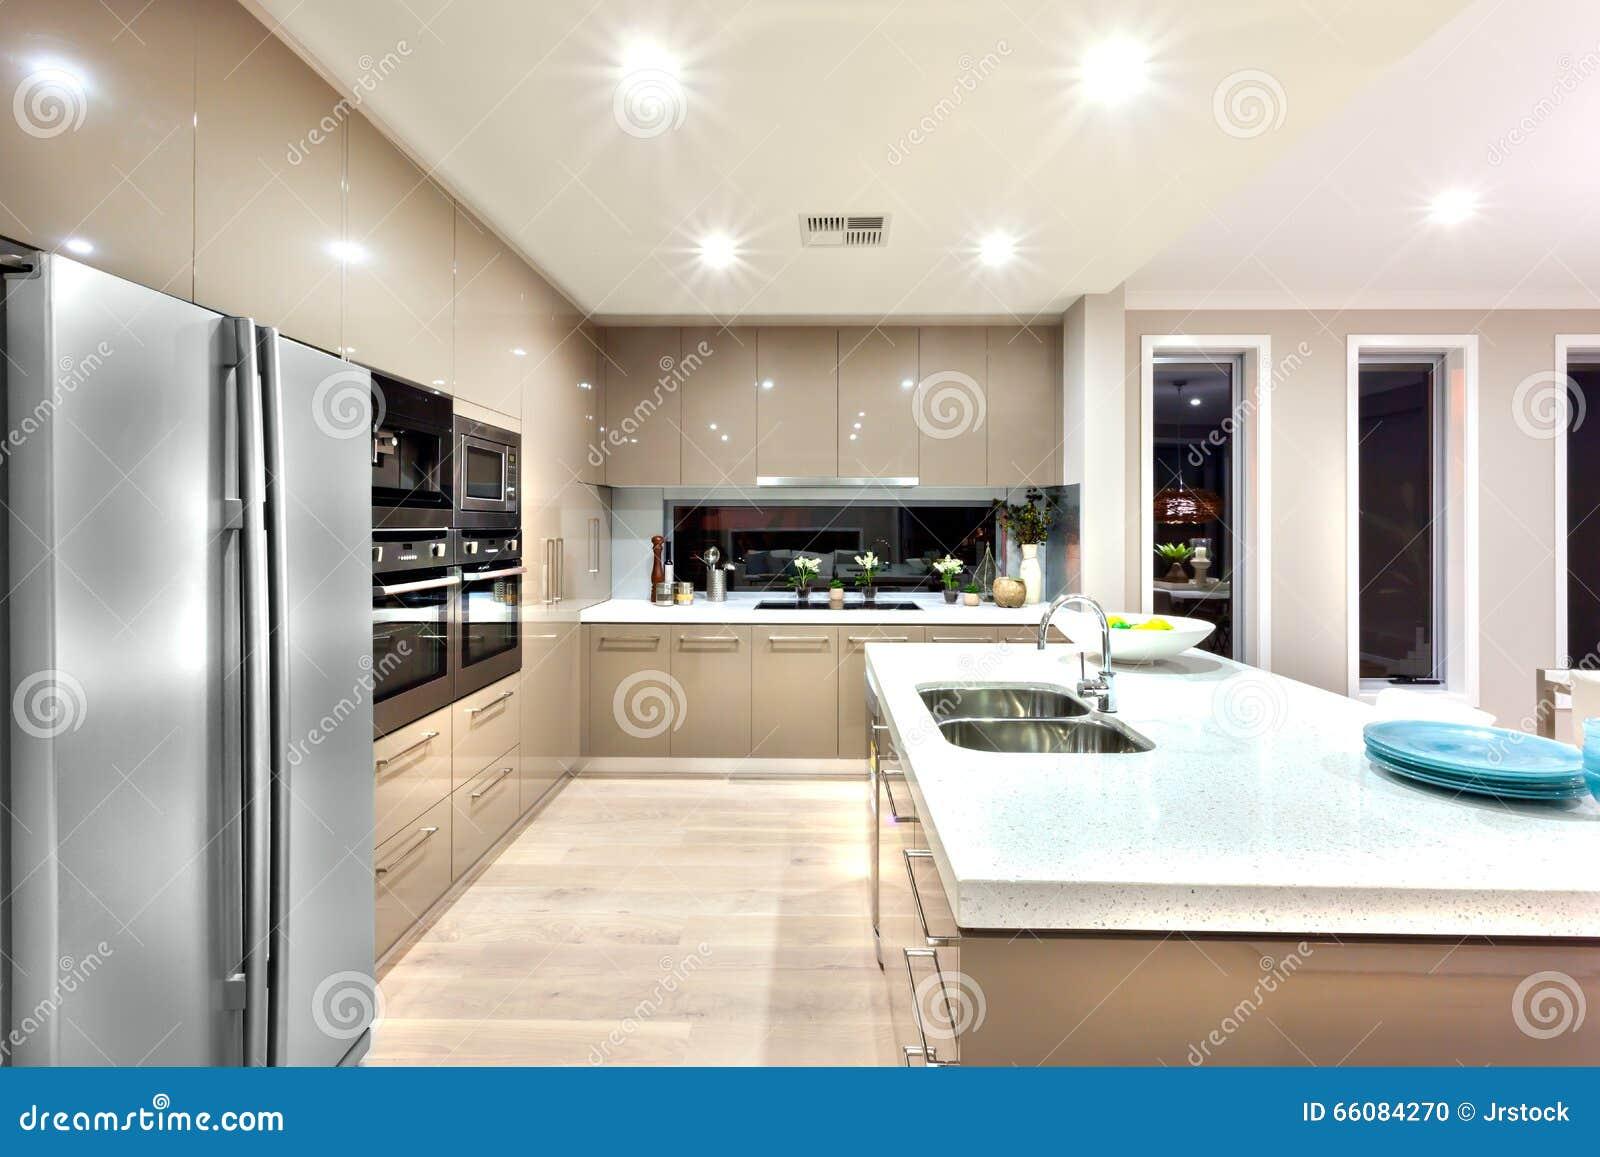 Una cocina moderna con el refrigerador y fijada a la pared for Cocina y refrigerador juntos